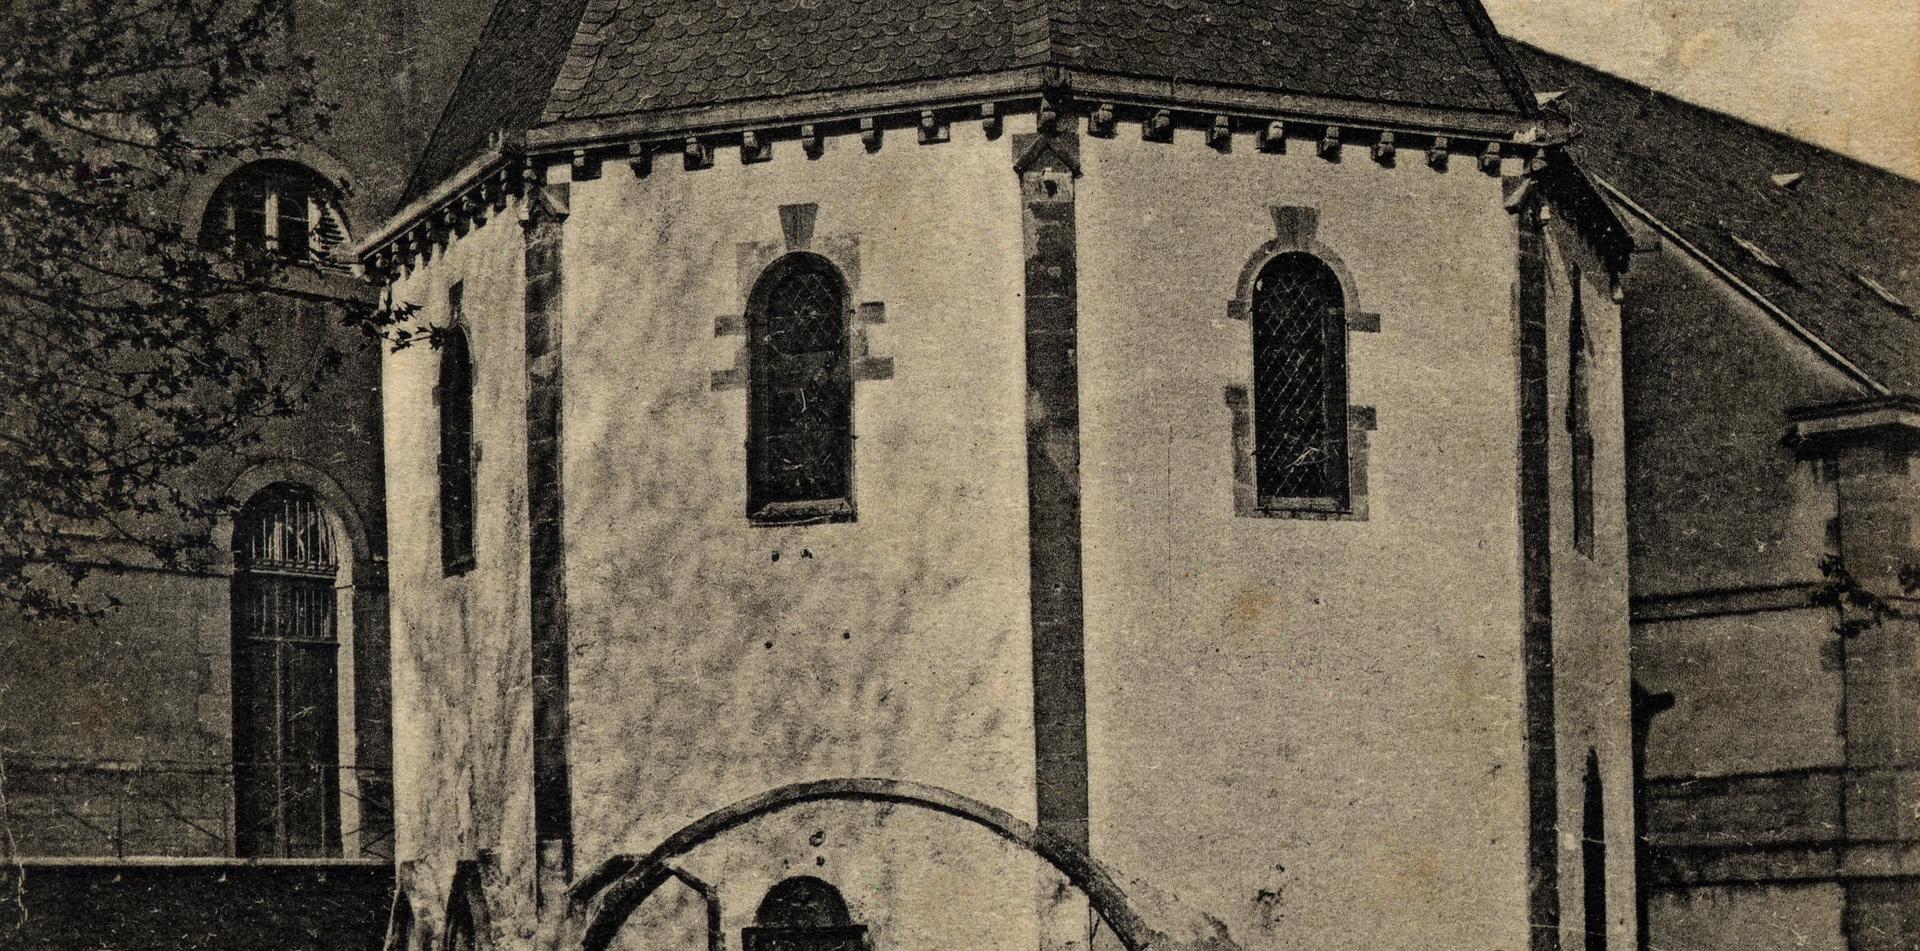 Contenu du La chapelle des Templiers de Metz